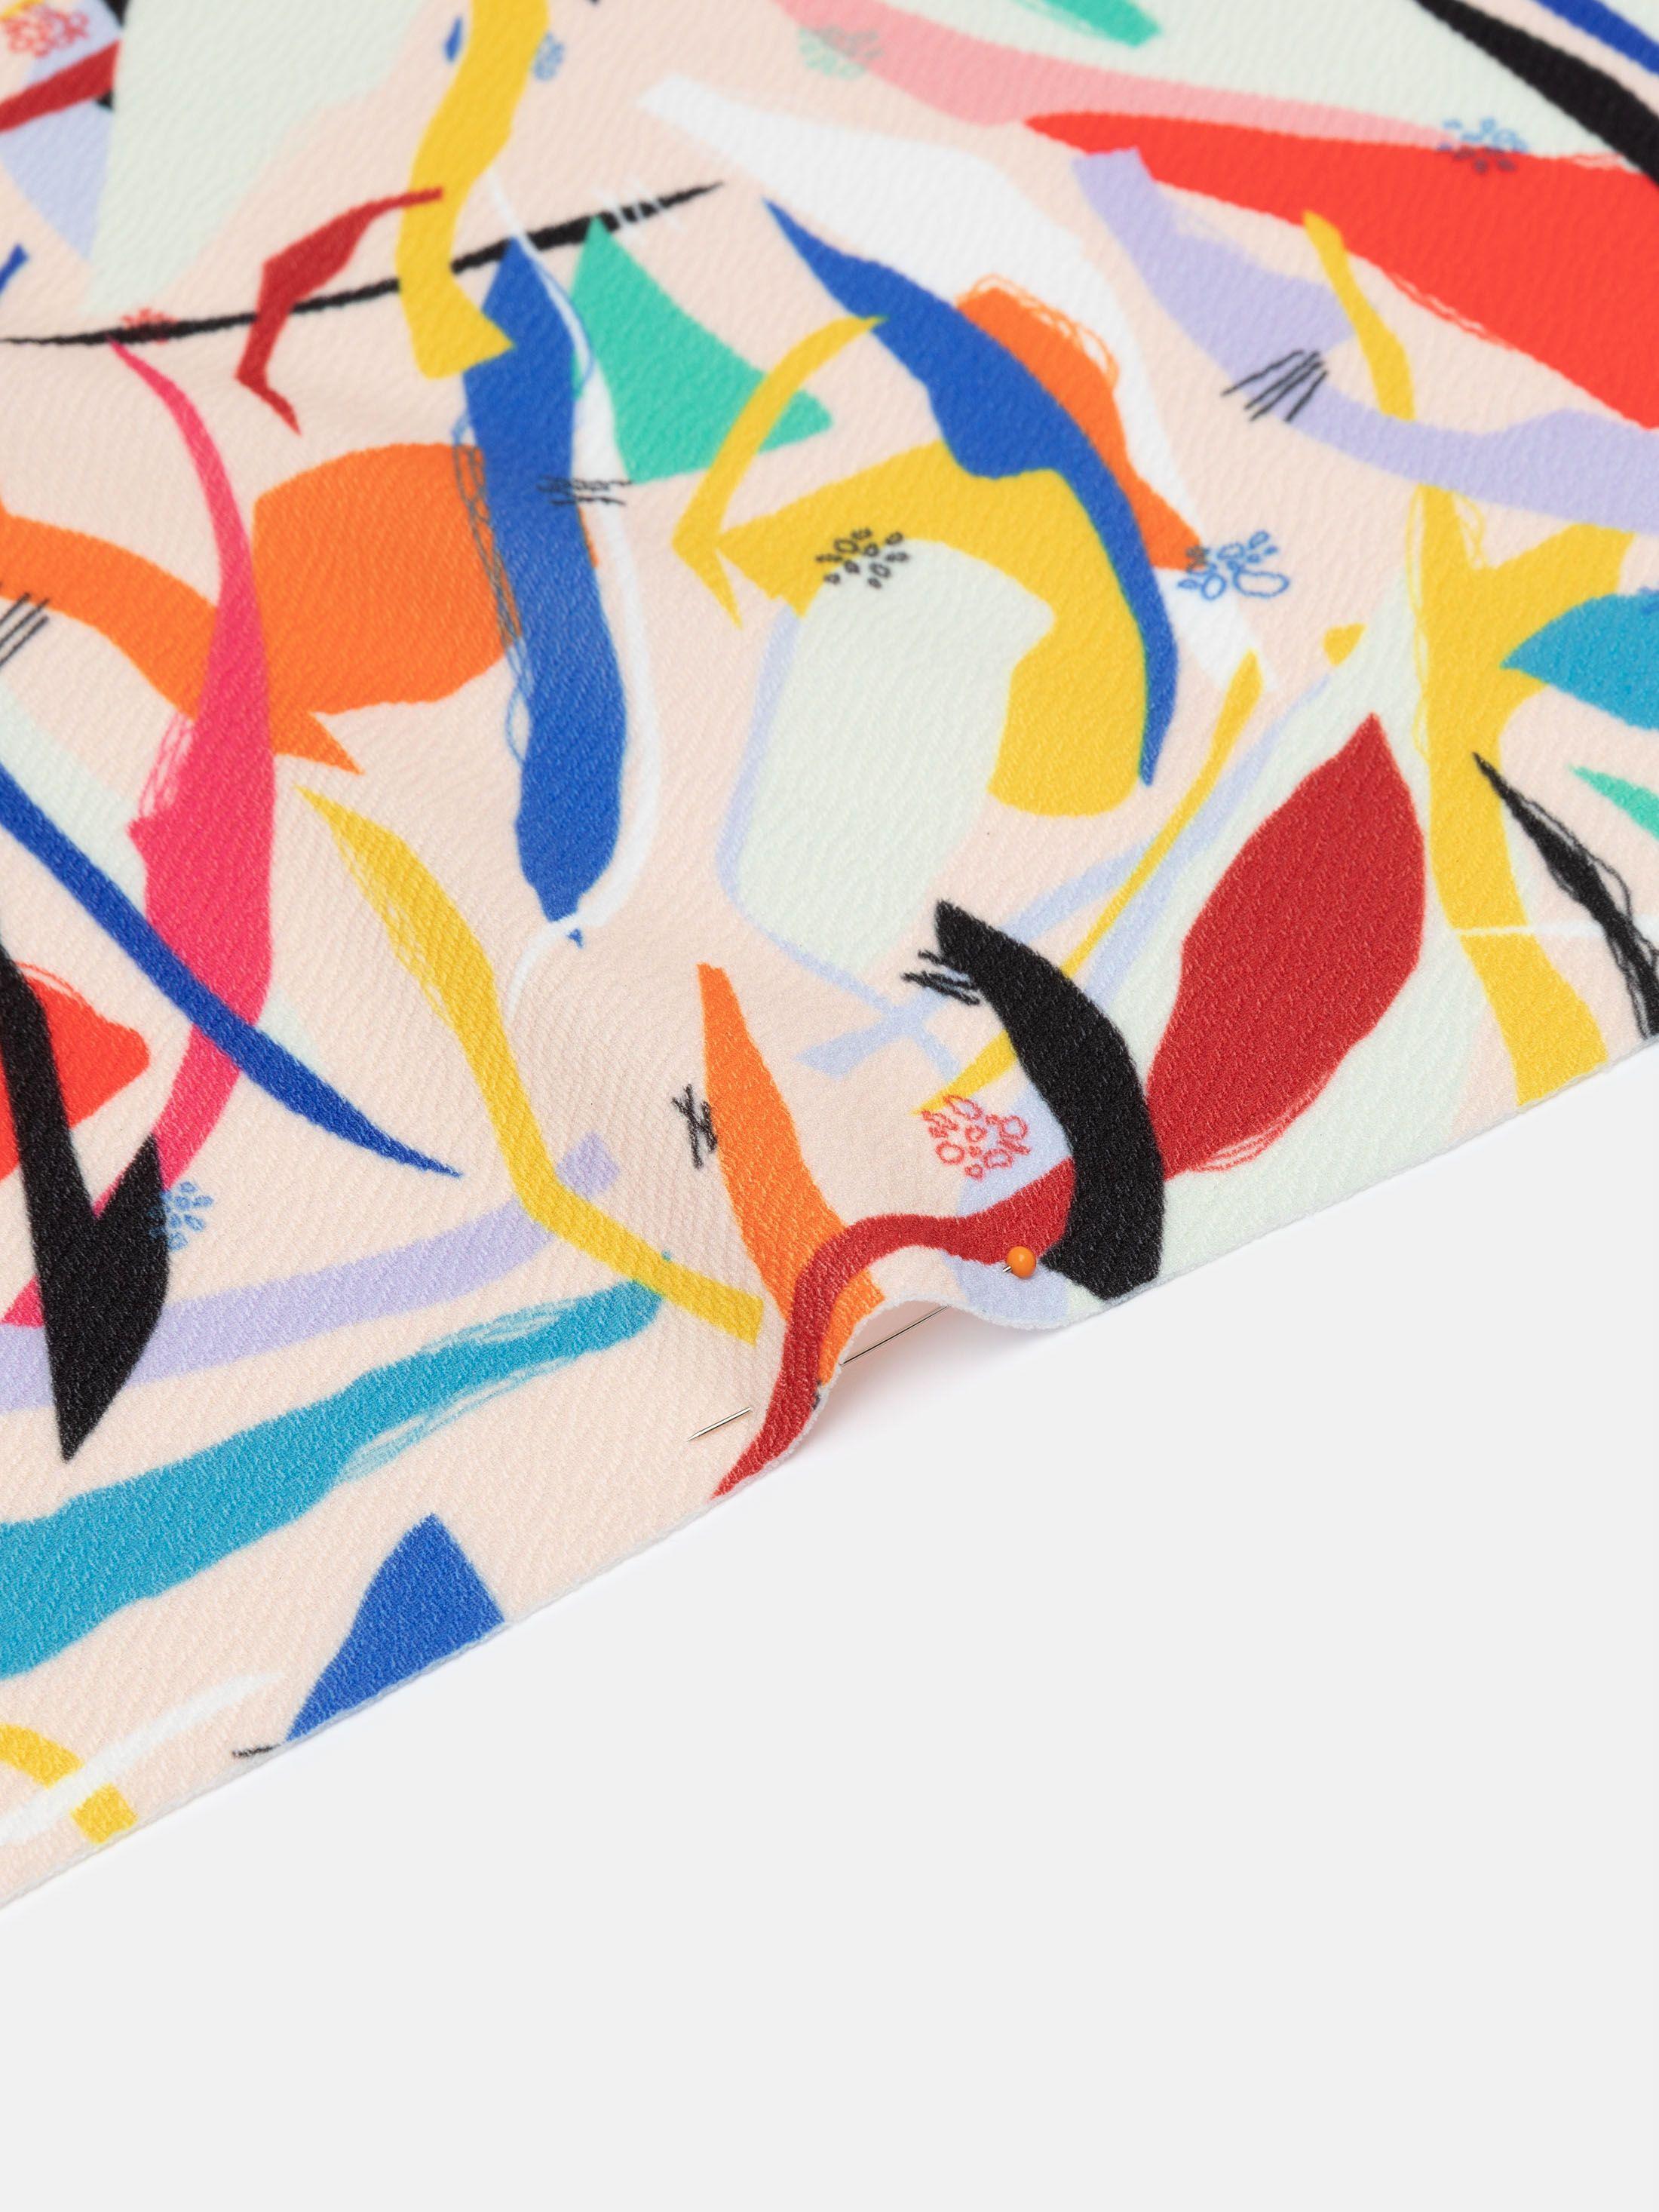 dettaglio stampa crepe elasticizzata